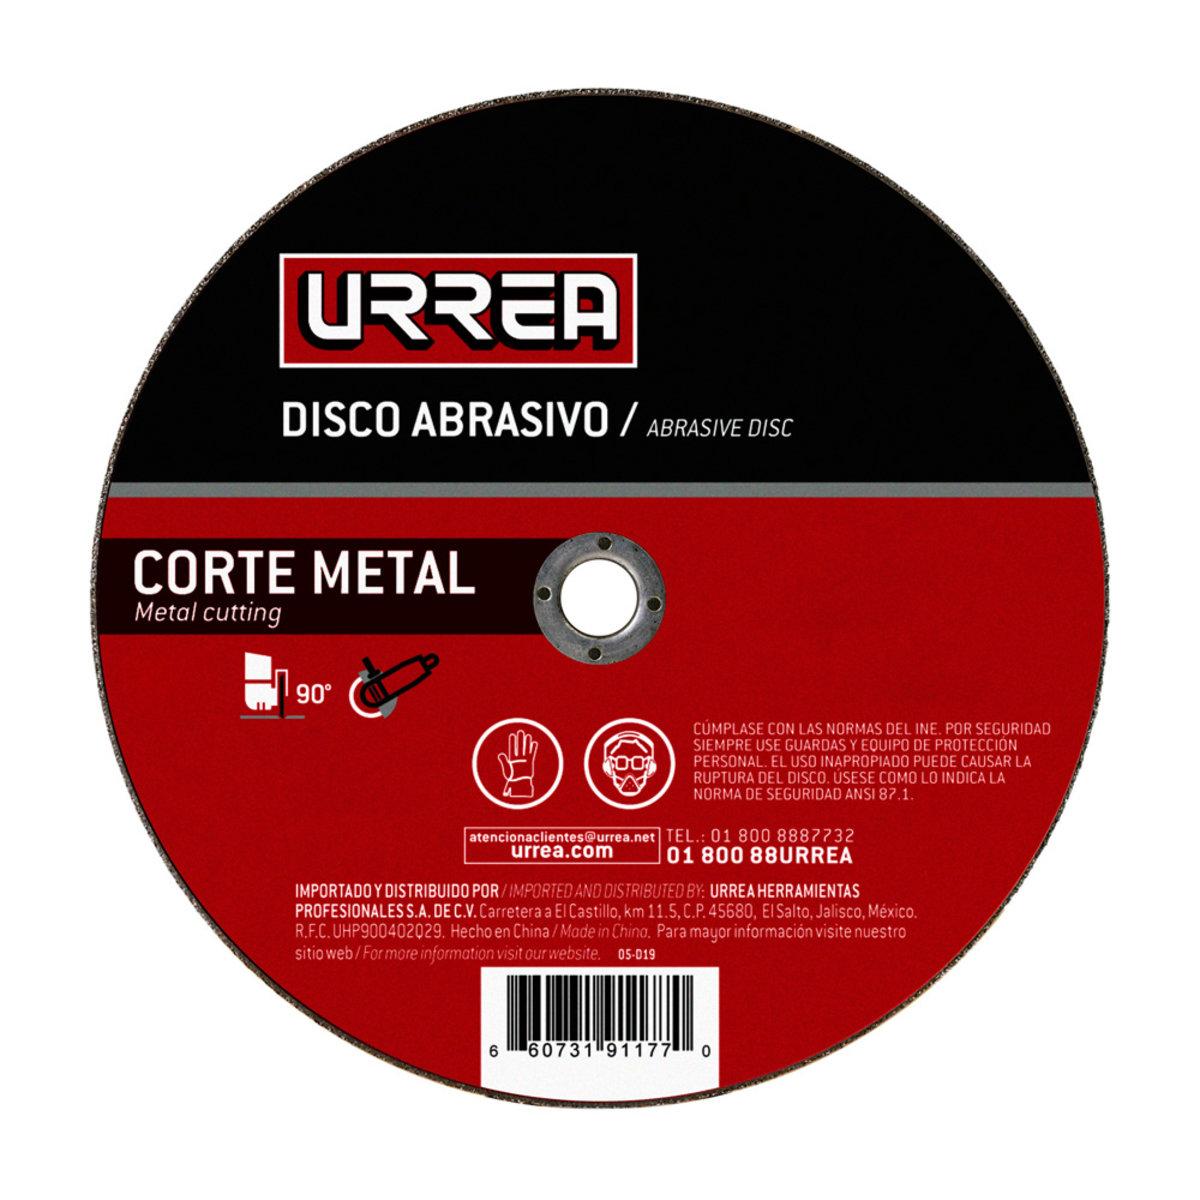 """Disco Abrasivo De 4-1/2"""" 4000 Rpm- 13 300 Rpm Tipo: 1 Urrea"""